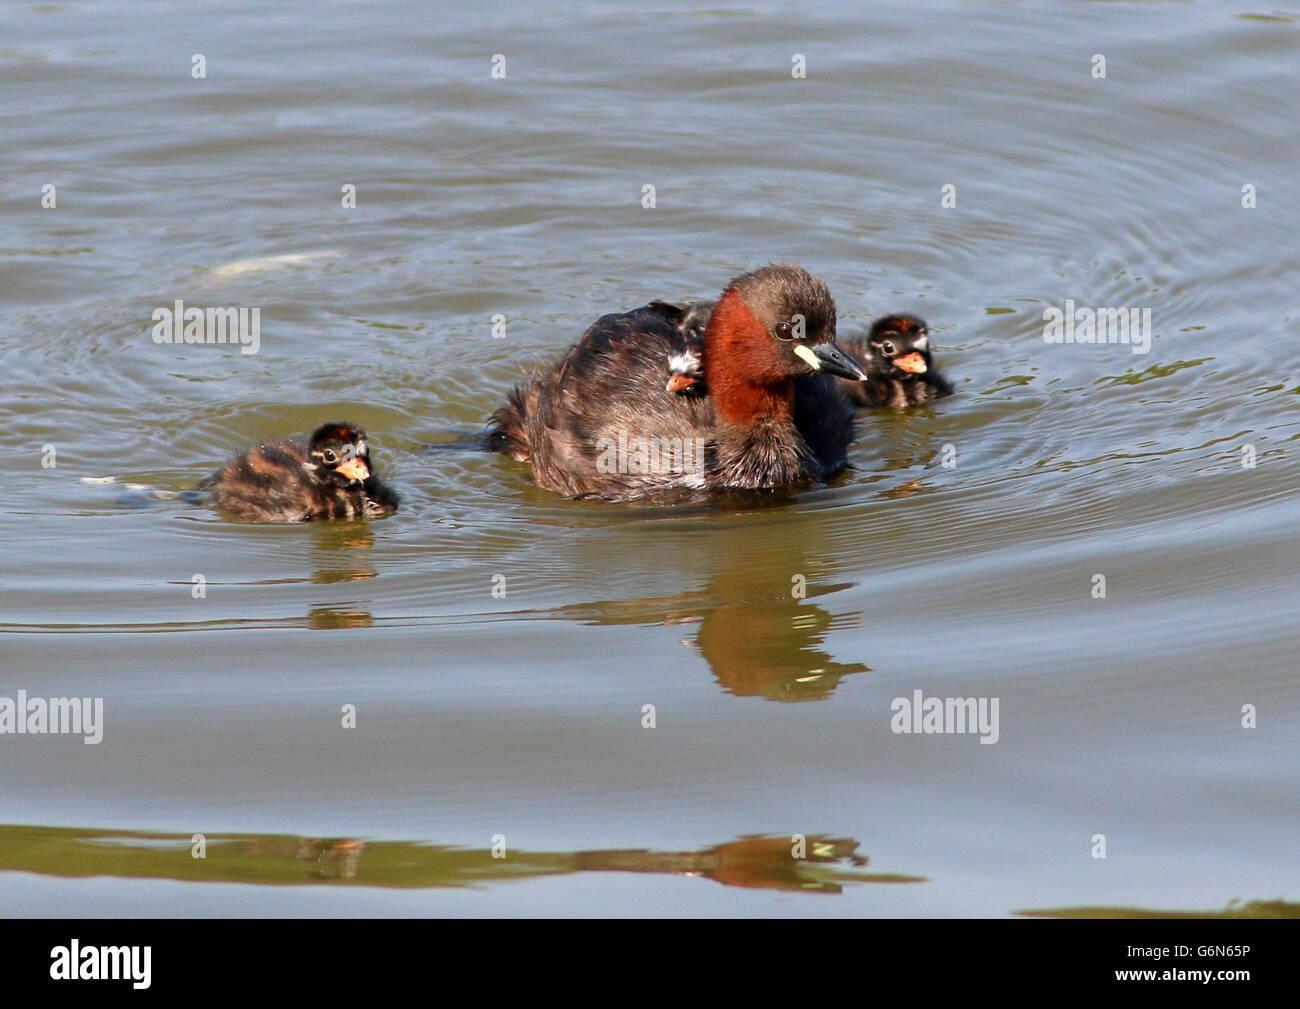 Eurasienne mature Grèbe Castagneux (Tachybaptus ruficollis) avec deux jeunes poussins natation à côté Photo Stock